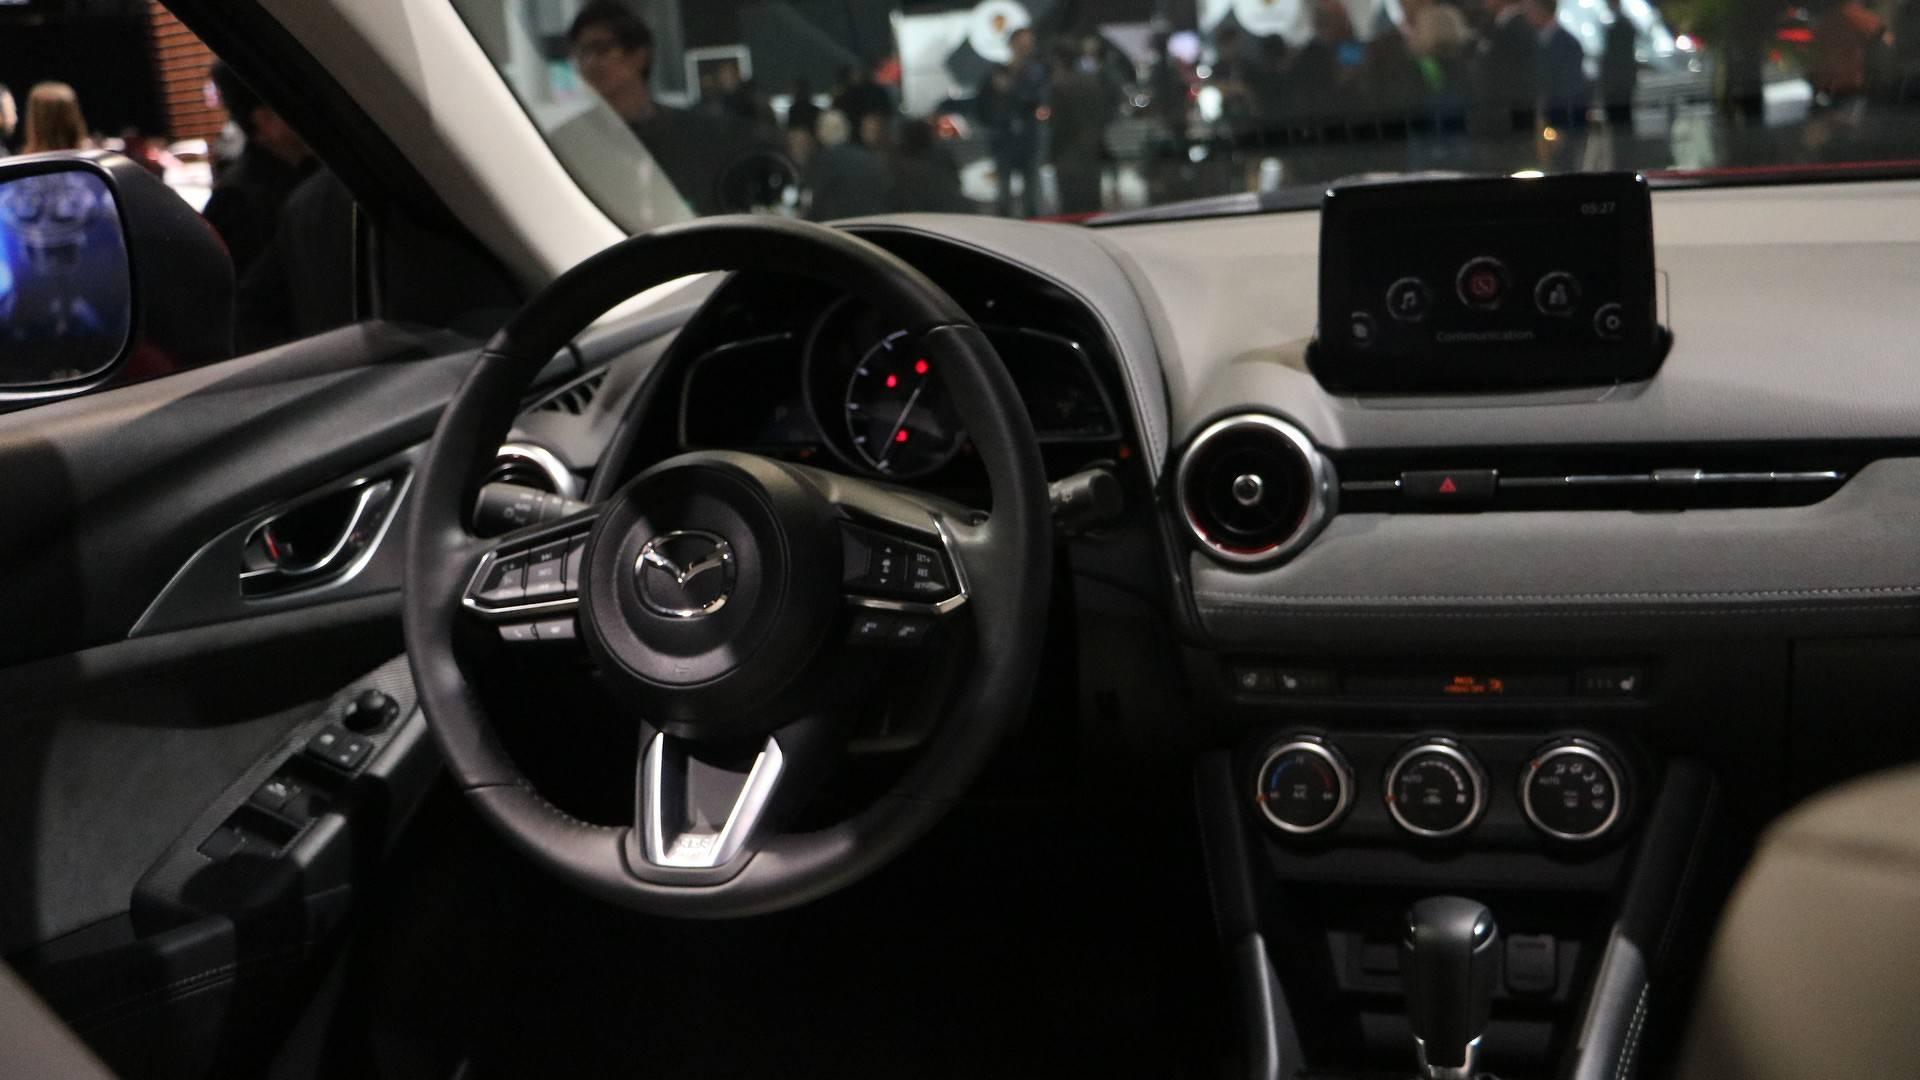 موتور کم مصرف و ابعادی بزرگ در مزدا CX3 2020